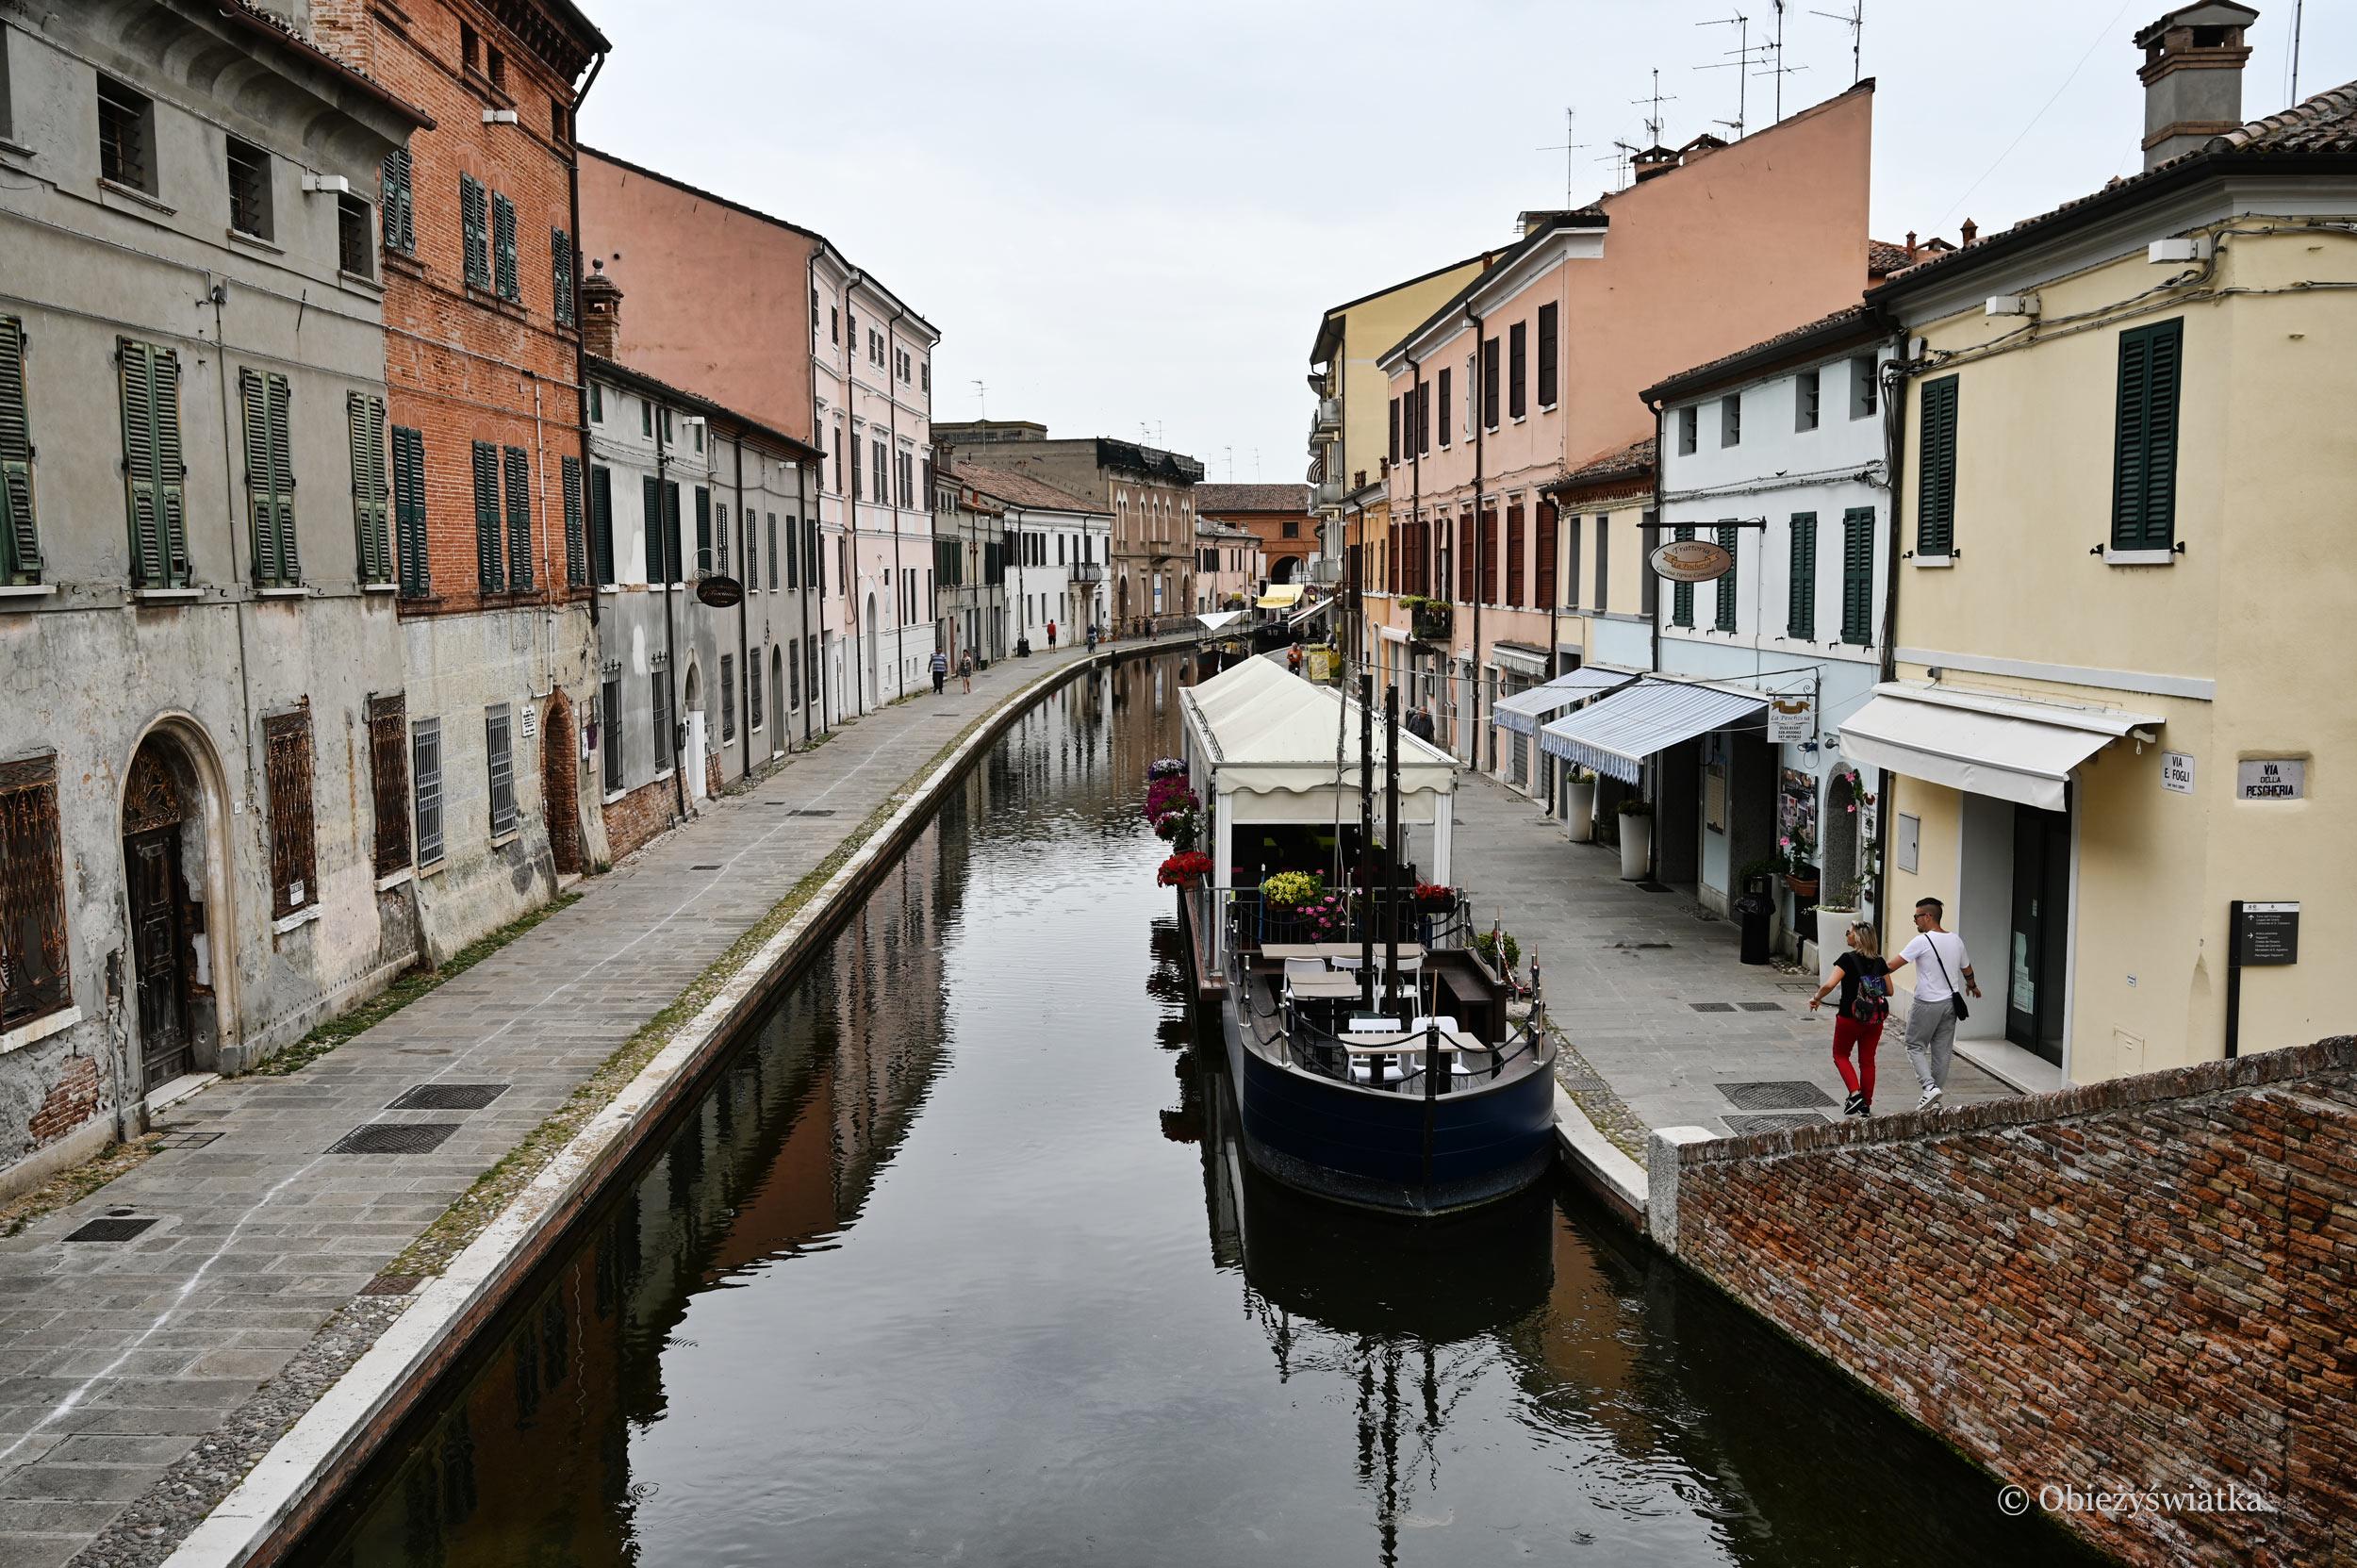 Kanały w Comacchio, Włochy